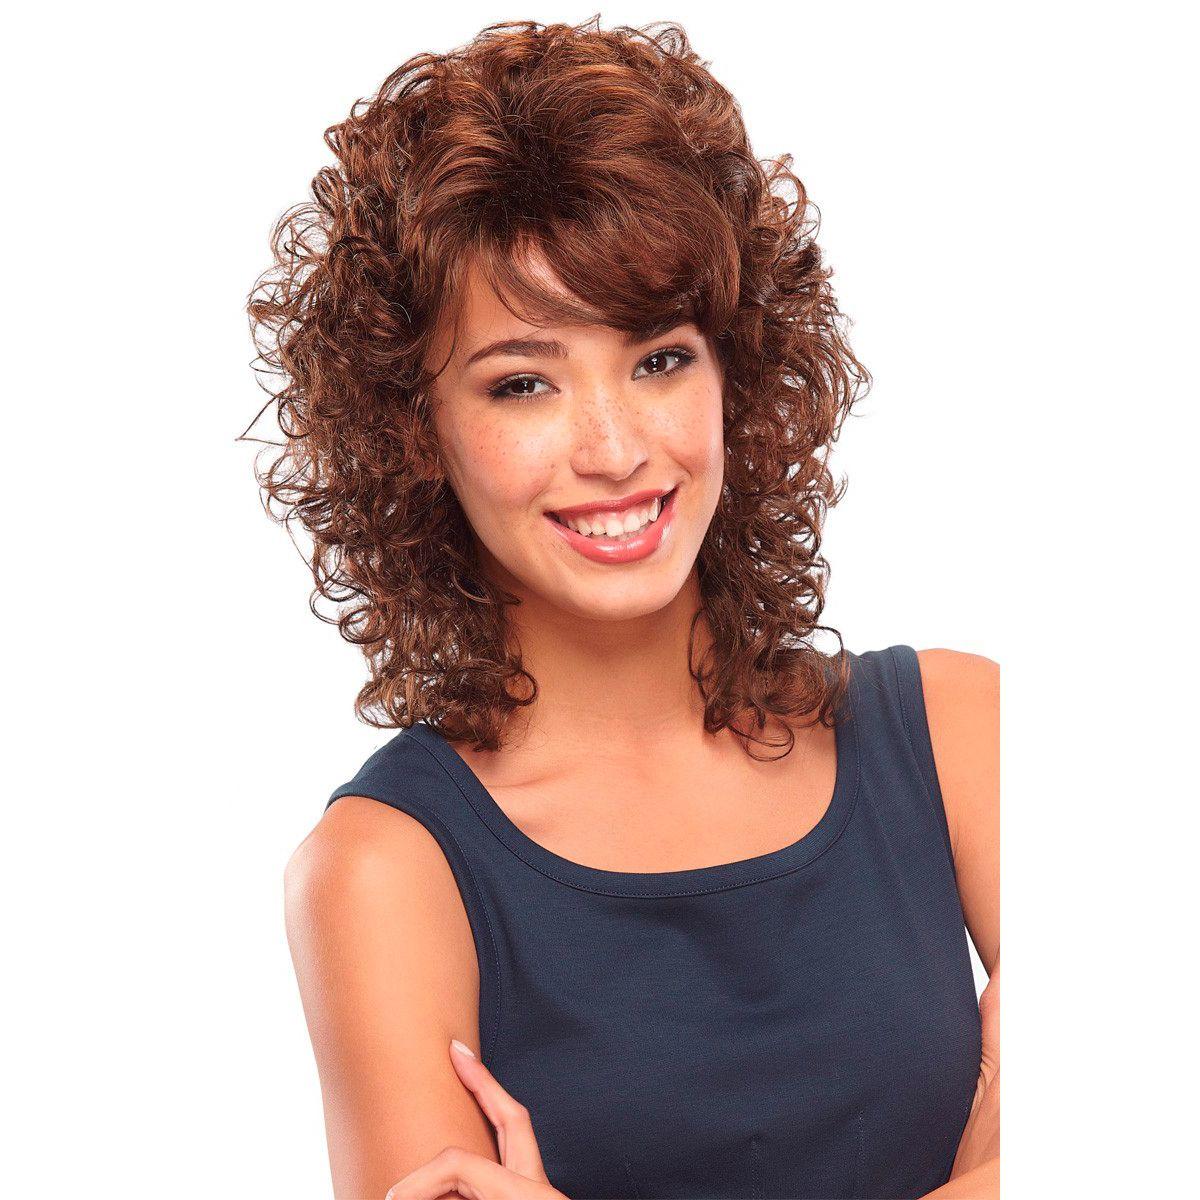 Pelucas de pelo natural, marca Jon Renau, modelo Jetabout. Recuerda que la mejor opción la tienes en centros Beltrán. 96 348 78 20